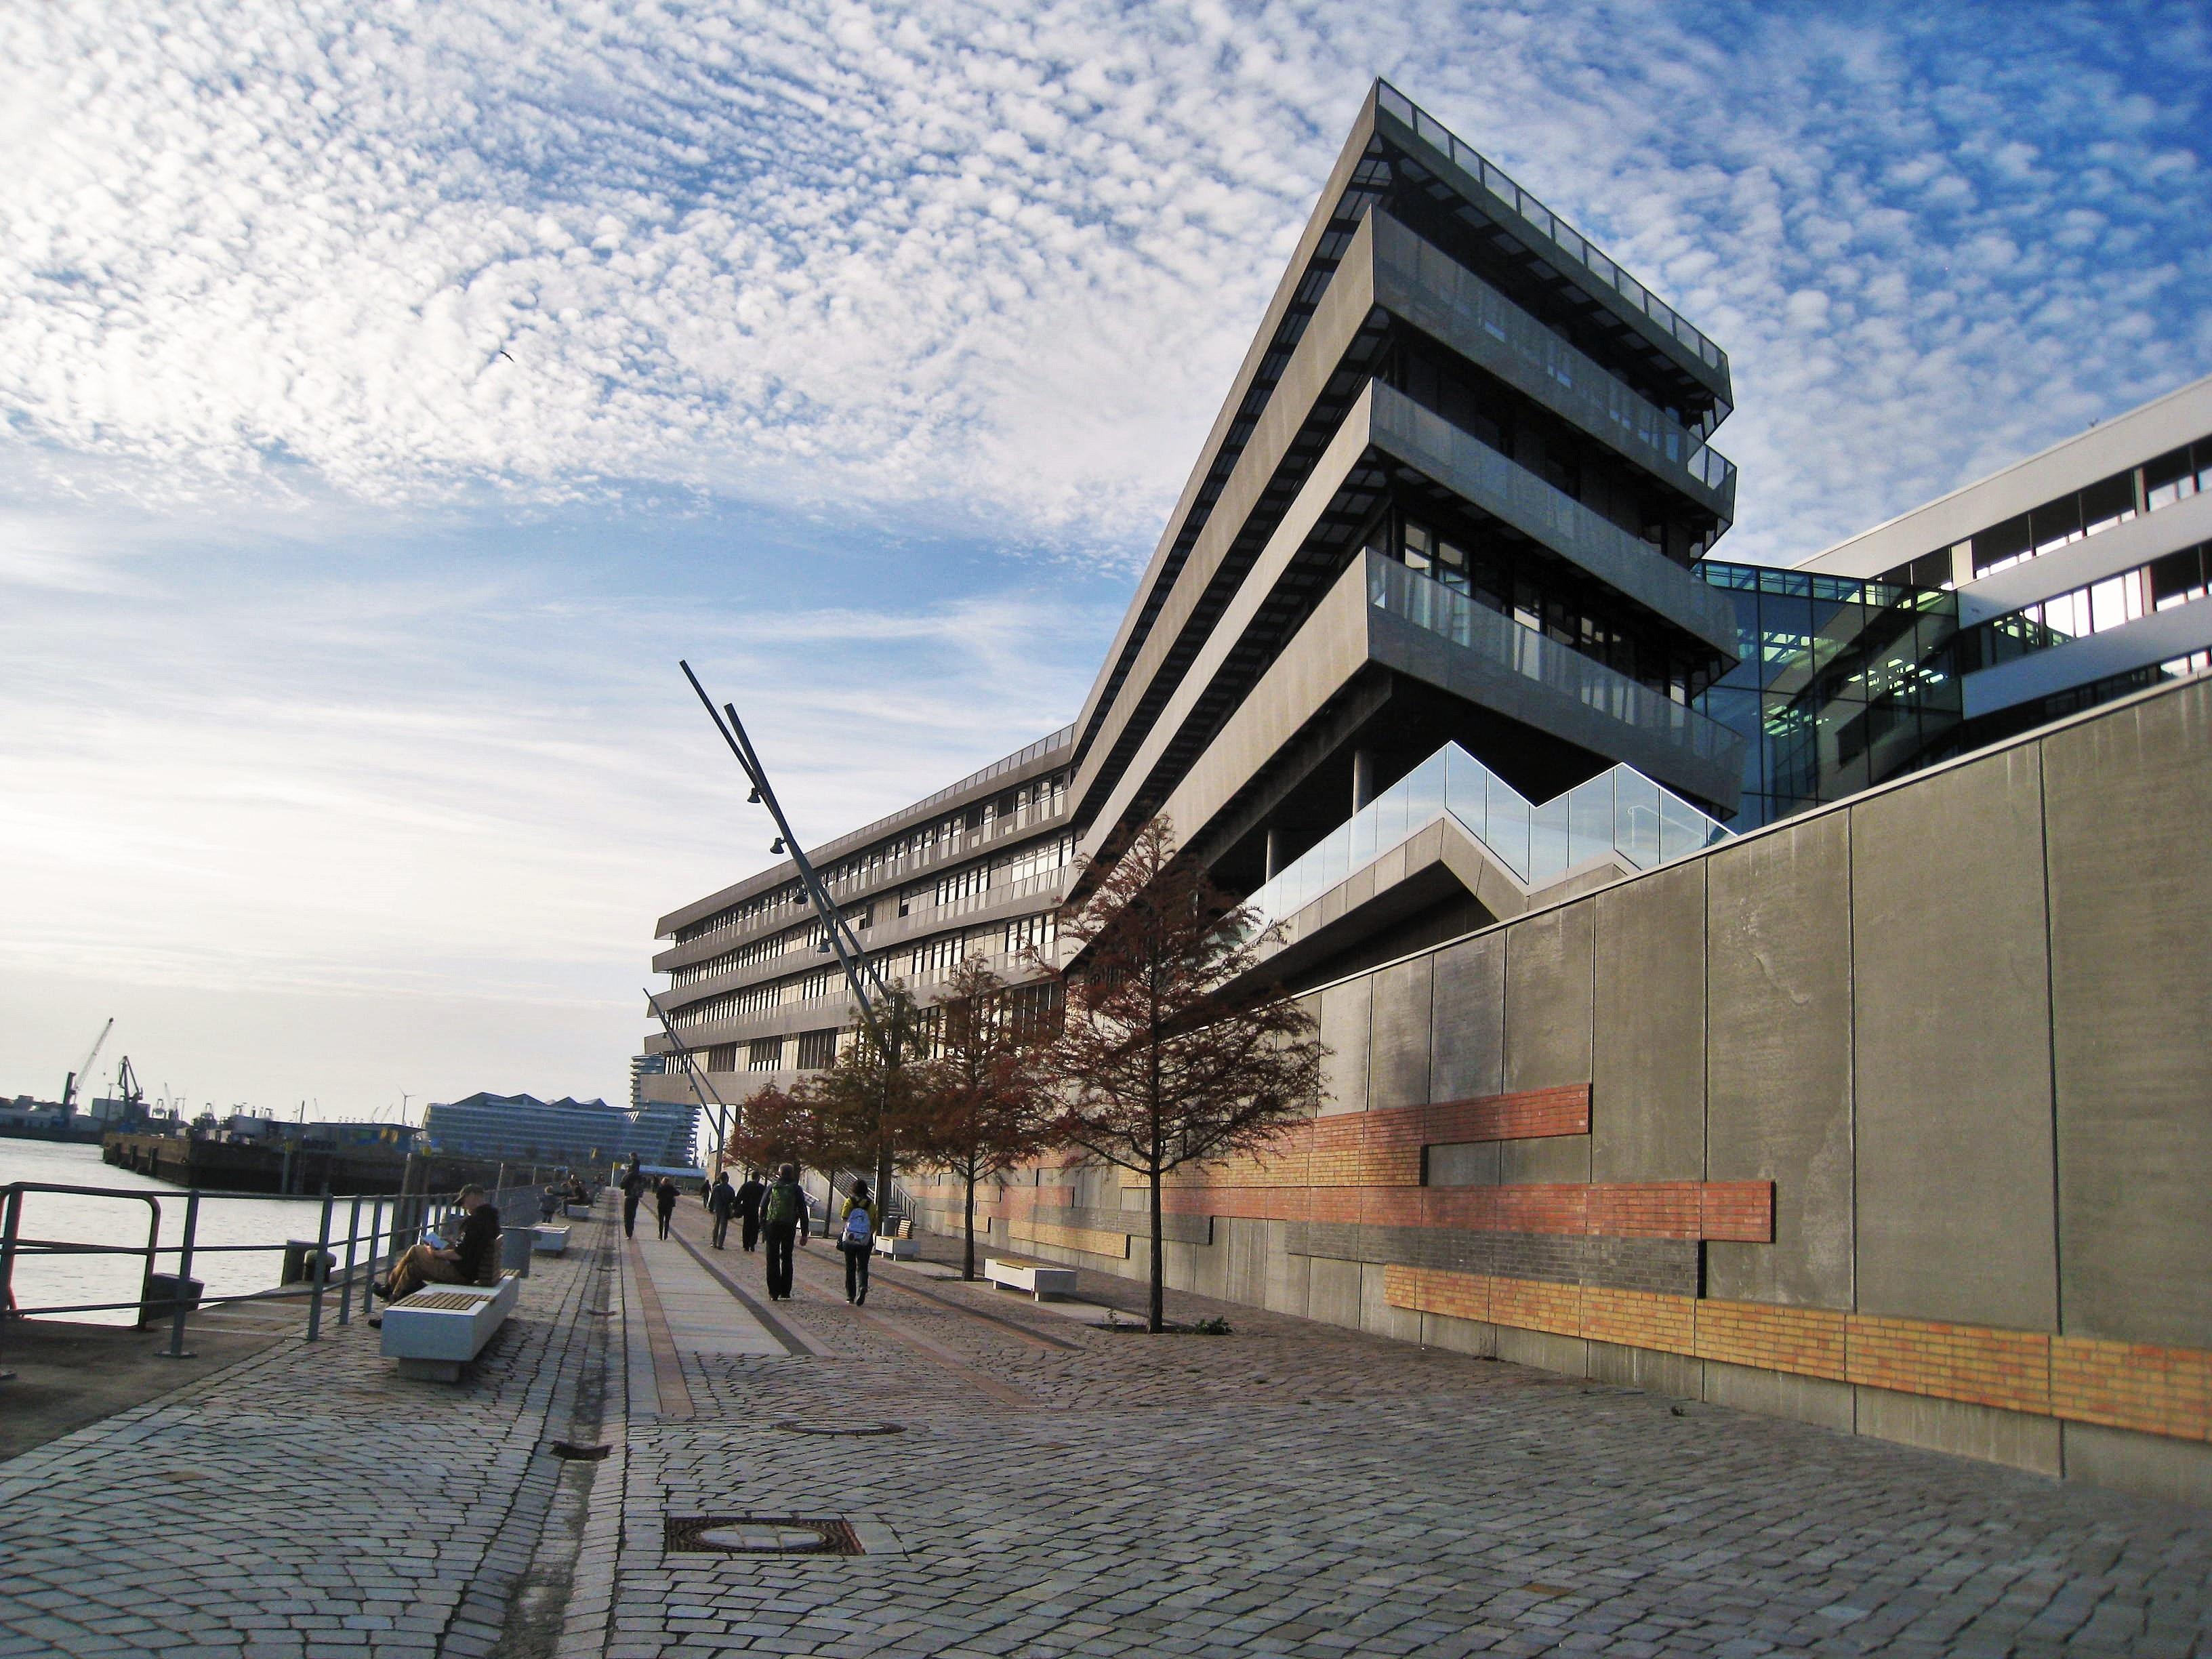 Architecture structure bâtiment construction façade moderne stade de face hambourg verre avant bâtiment universitaire université hafencity